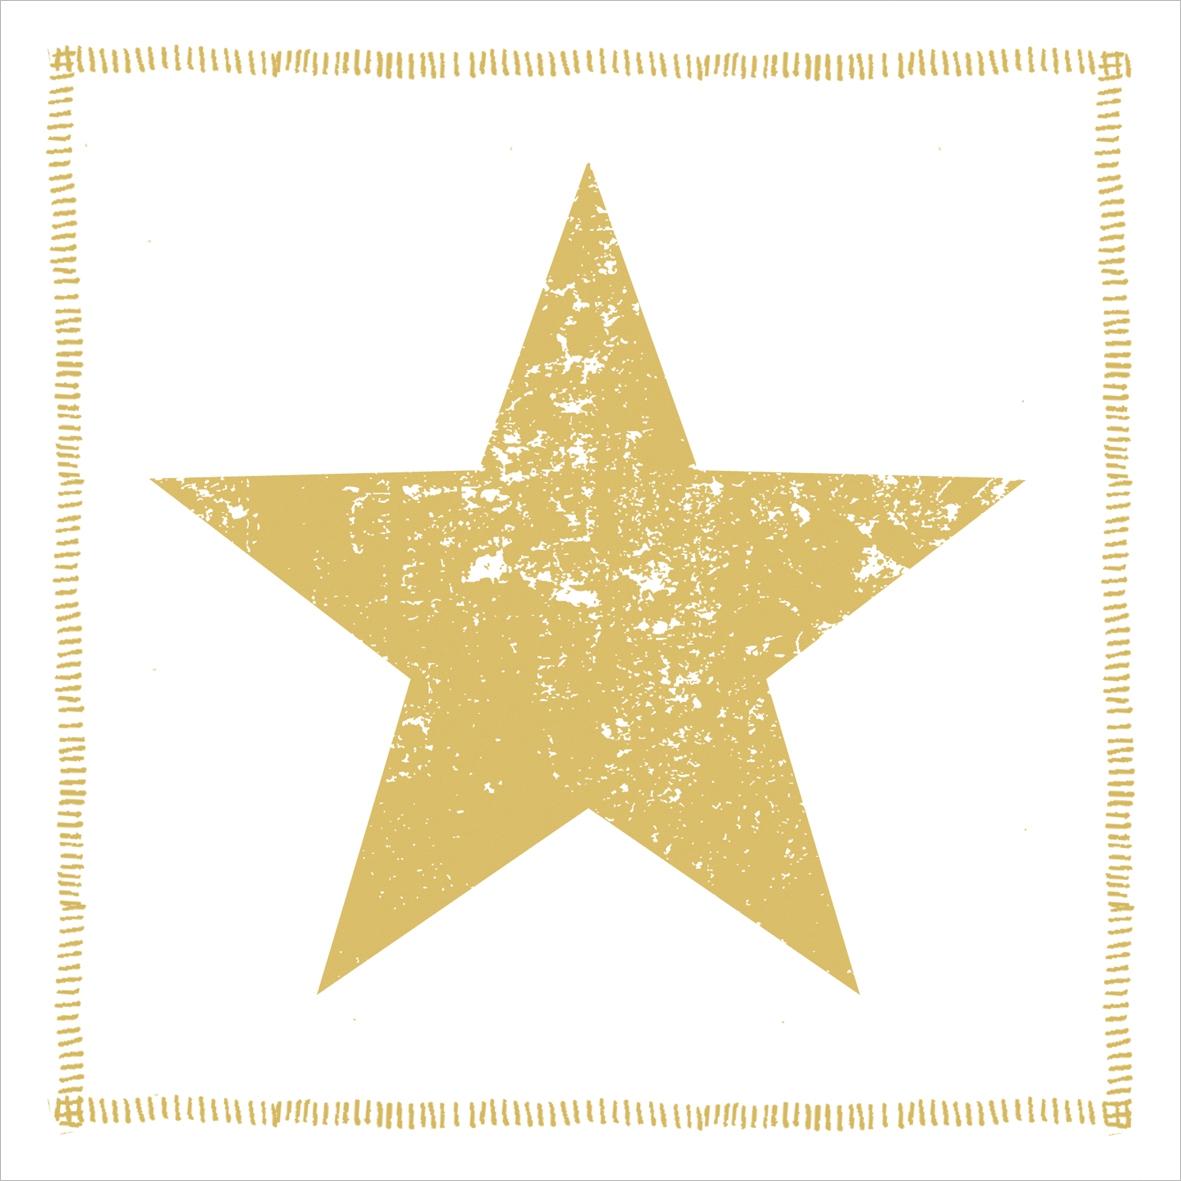 Lunch Servietten Star Fashion gold               ,  Weihnachten - Sterne,  Weihnachten,  lunchservietten,  Sterne